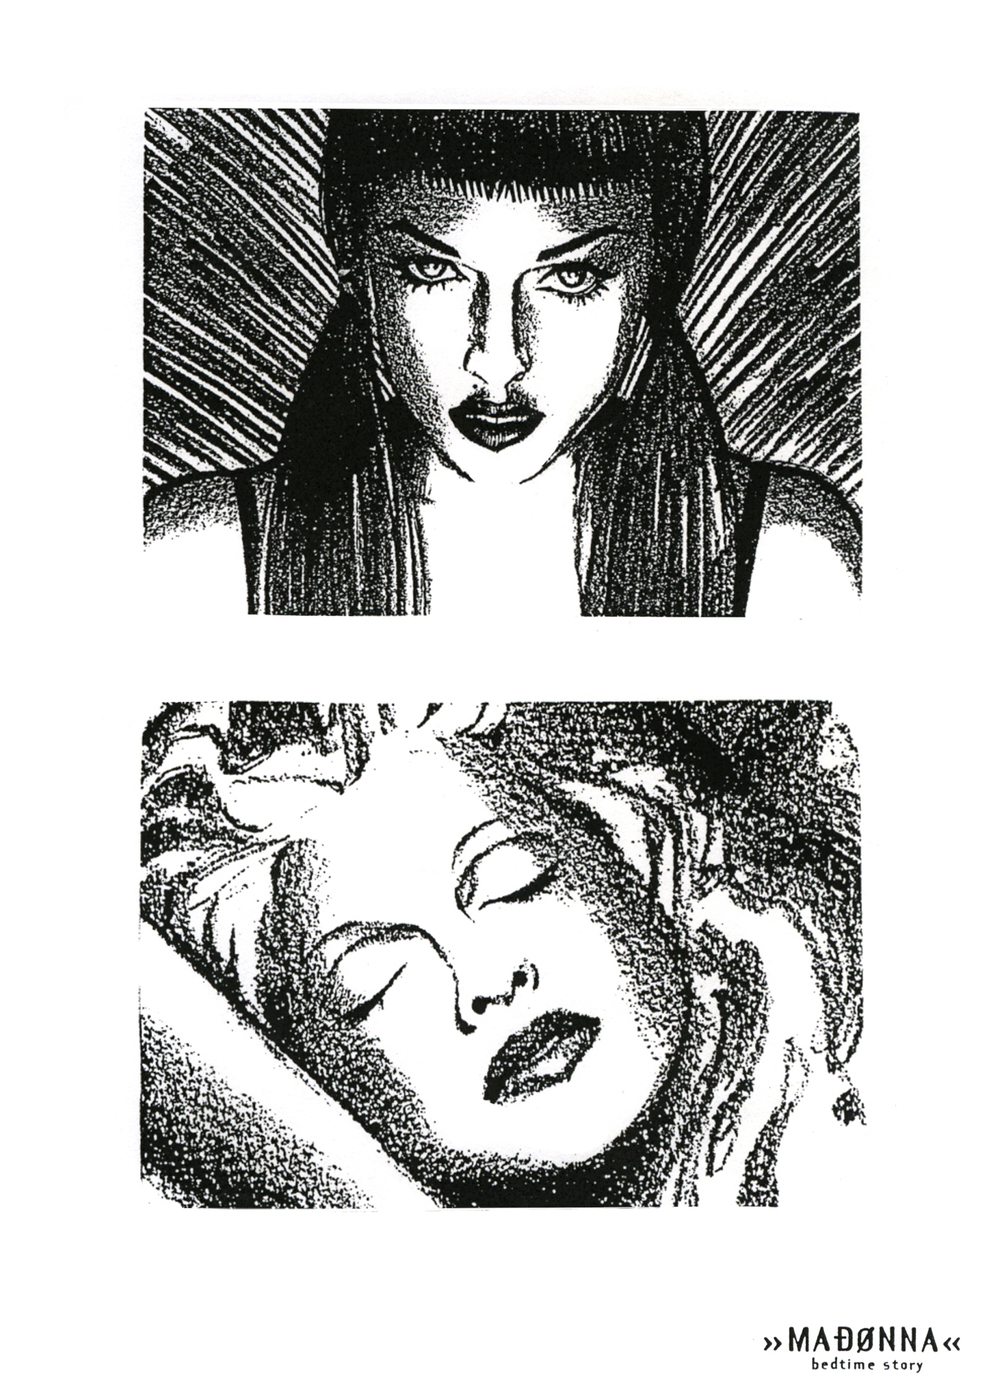 Madonna Bedtime 4.jpg